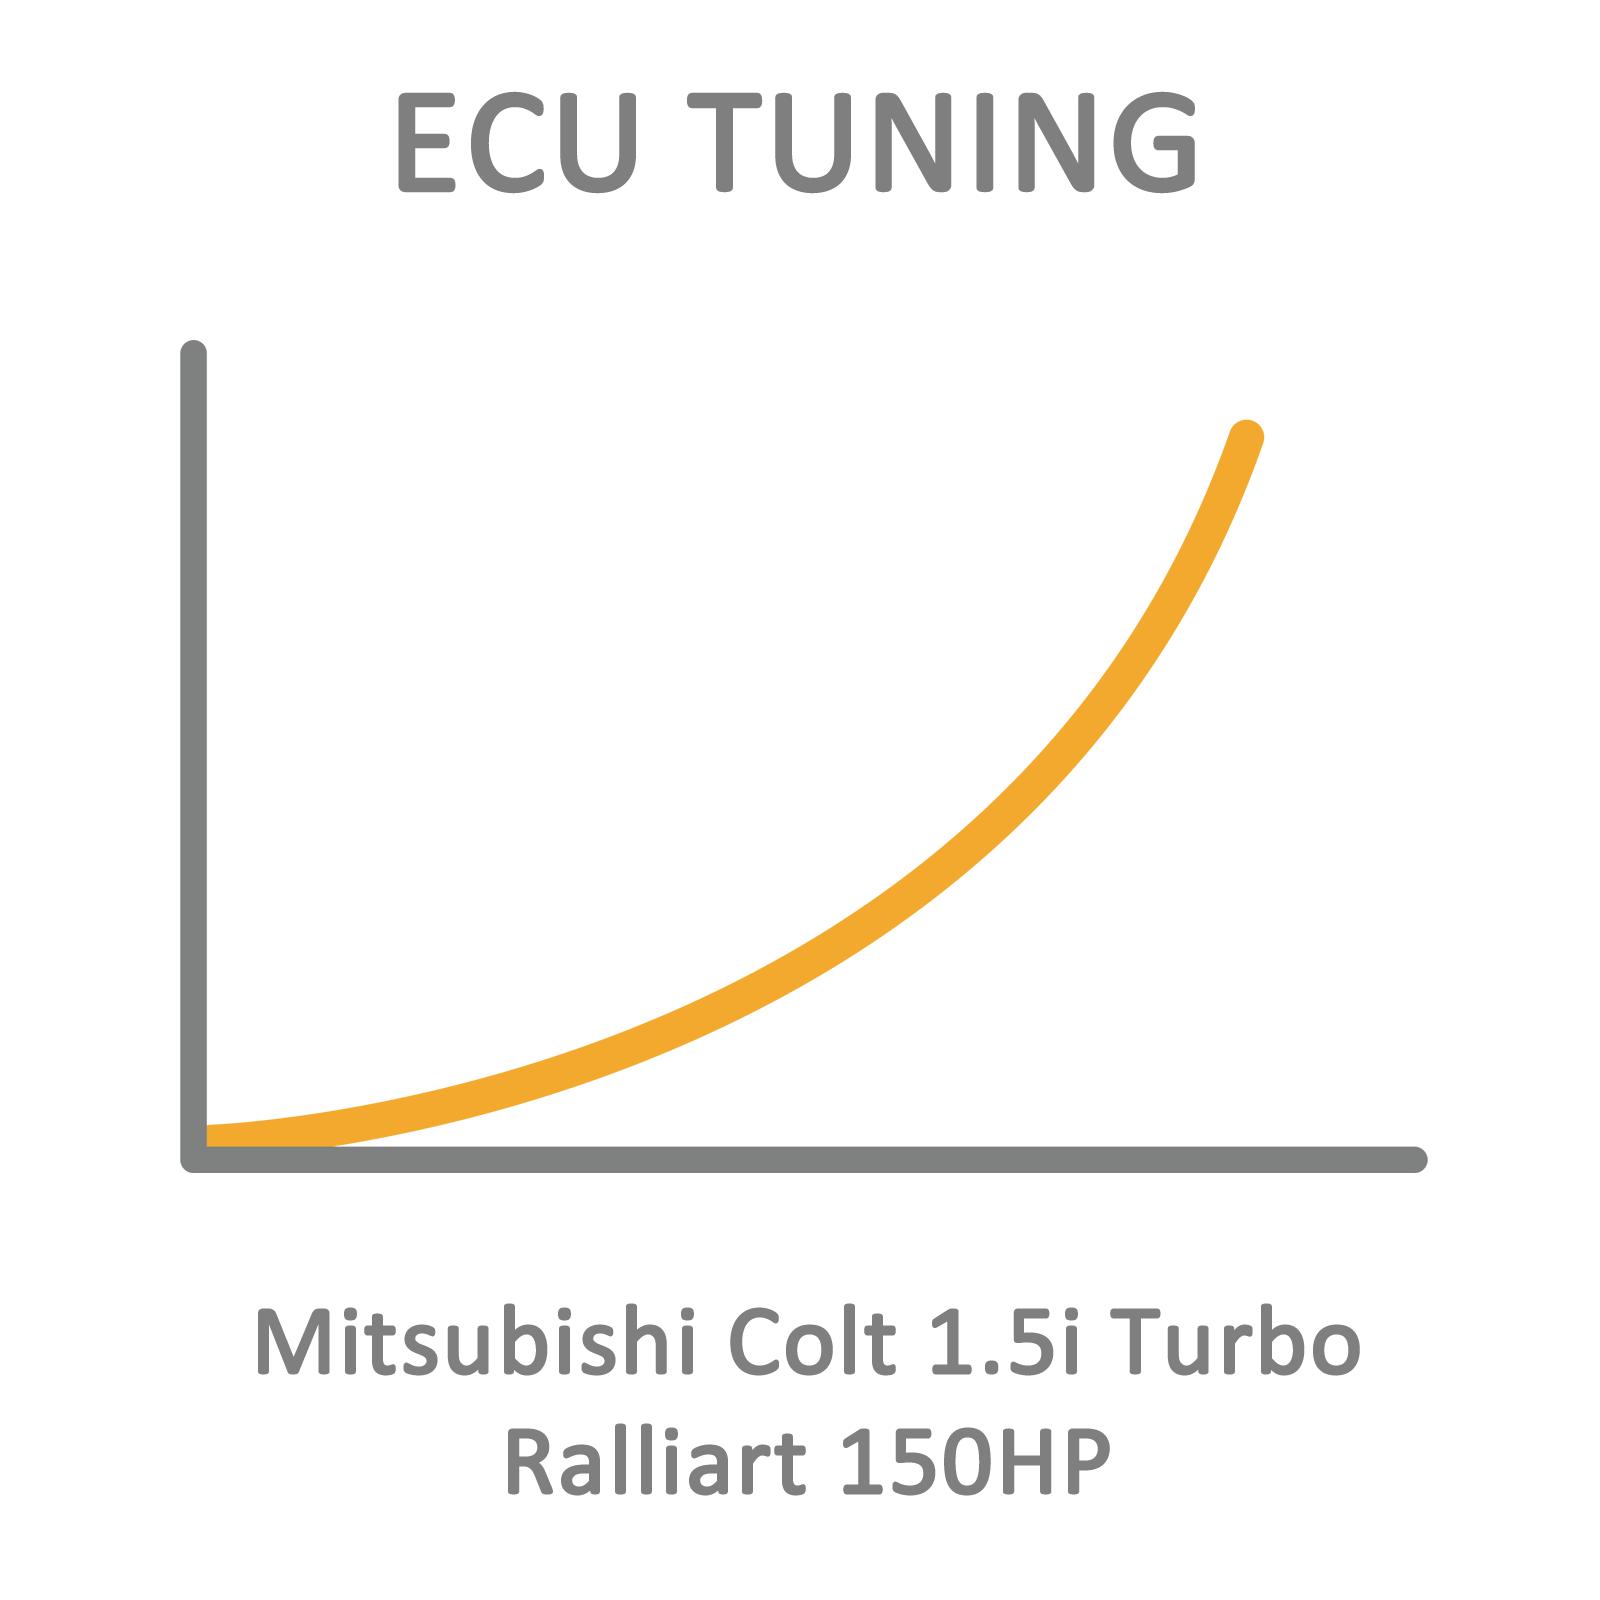 Mitsubishi Colt 1.5i Turbo Ralliart 150HP ECU Tuning